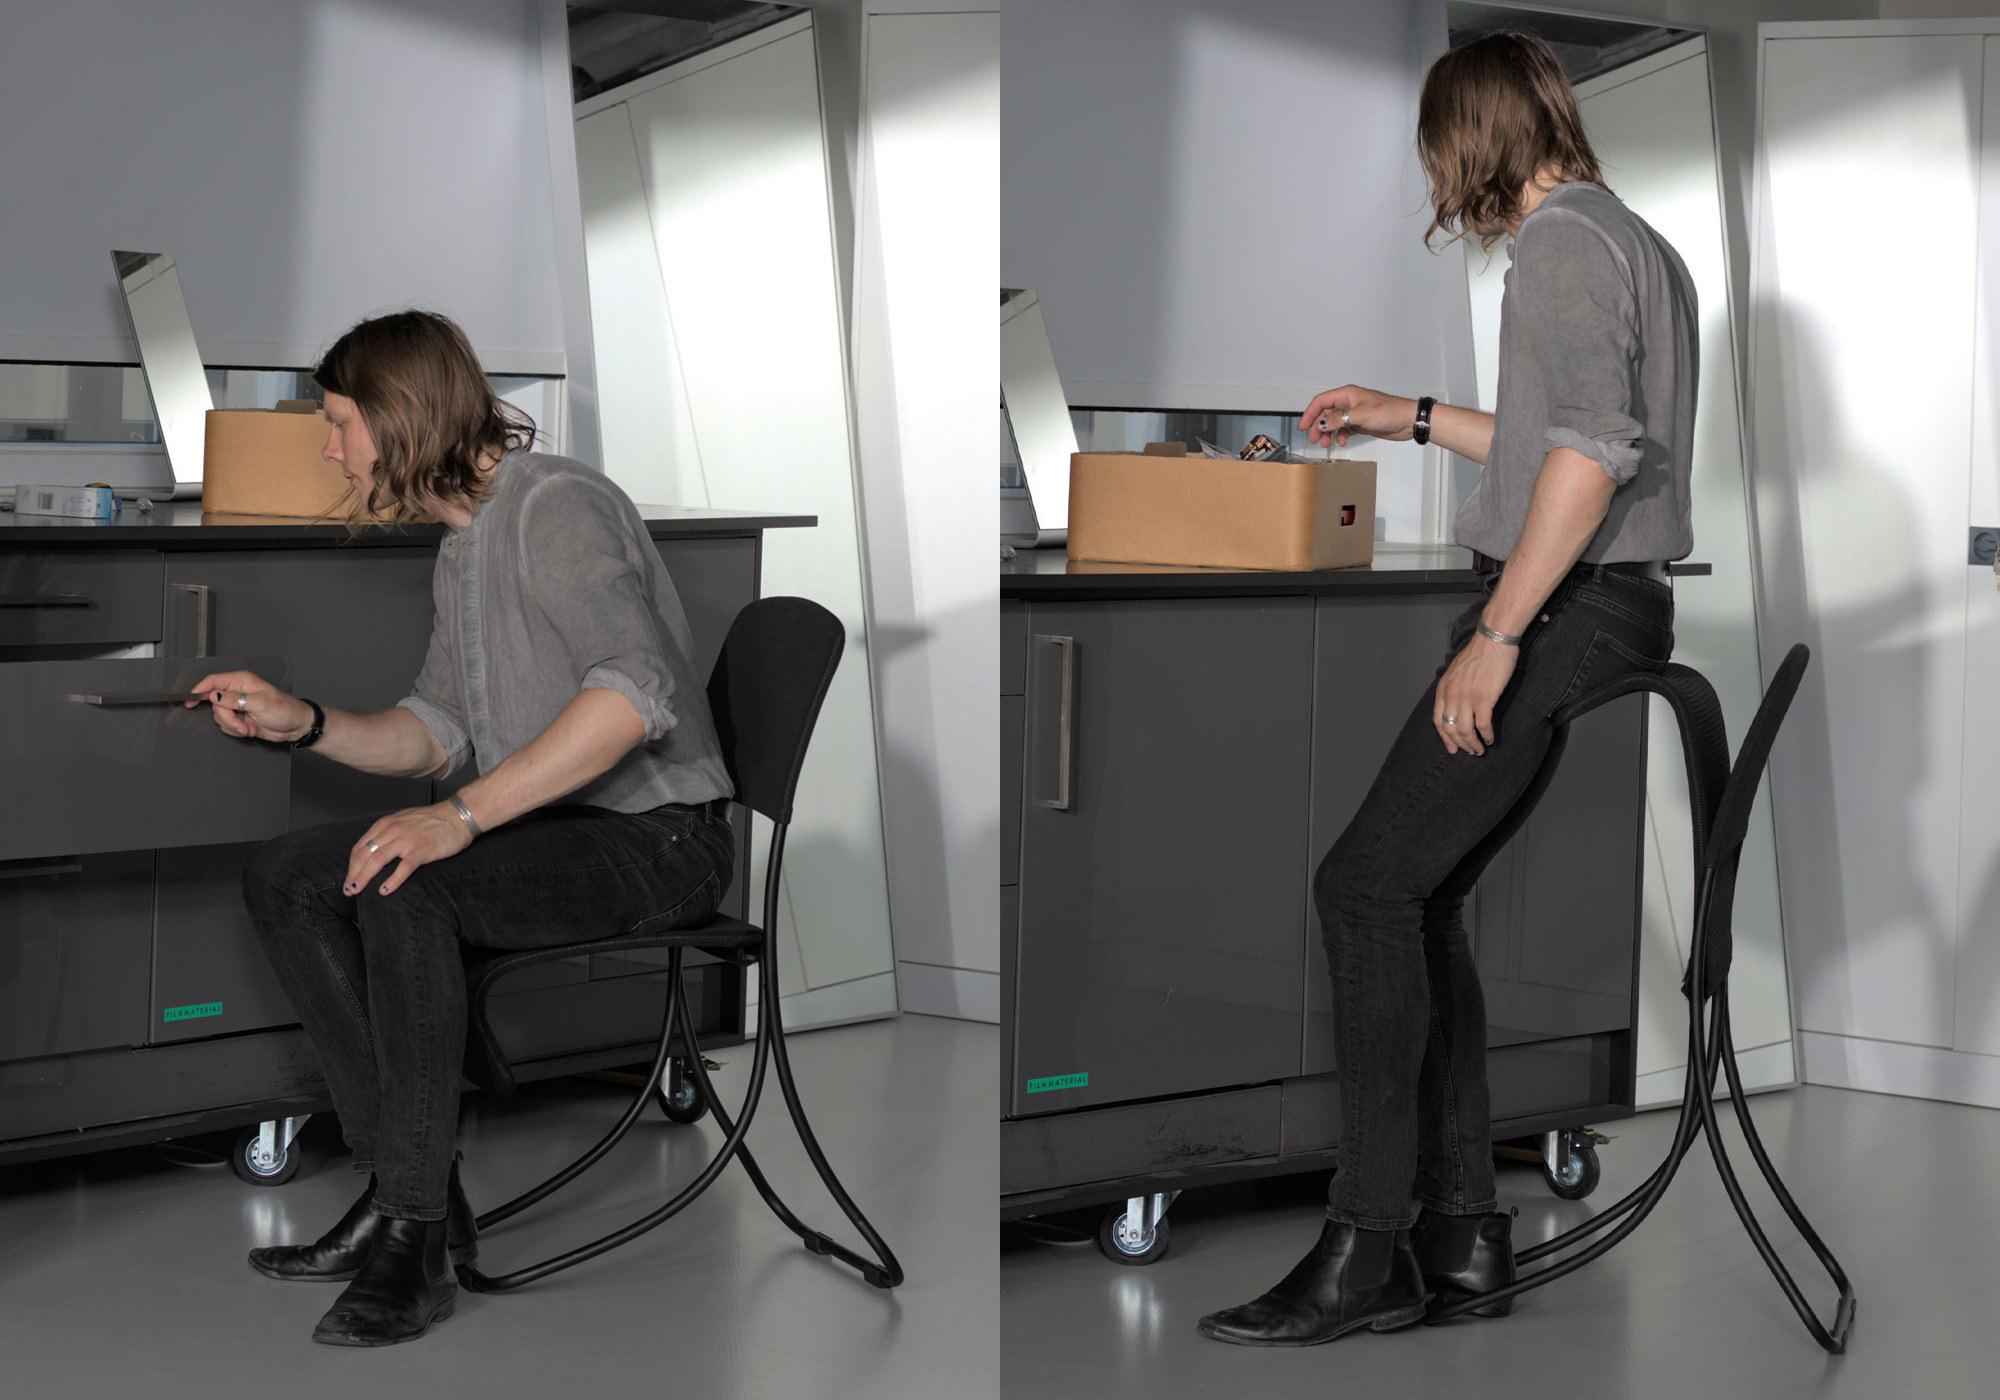 Stets von Alexander Alroggen ist sowohl leichter, stapelbarer Stuhl und Stehhilfe.